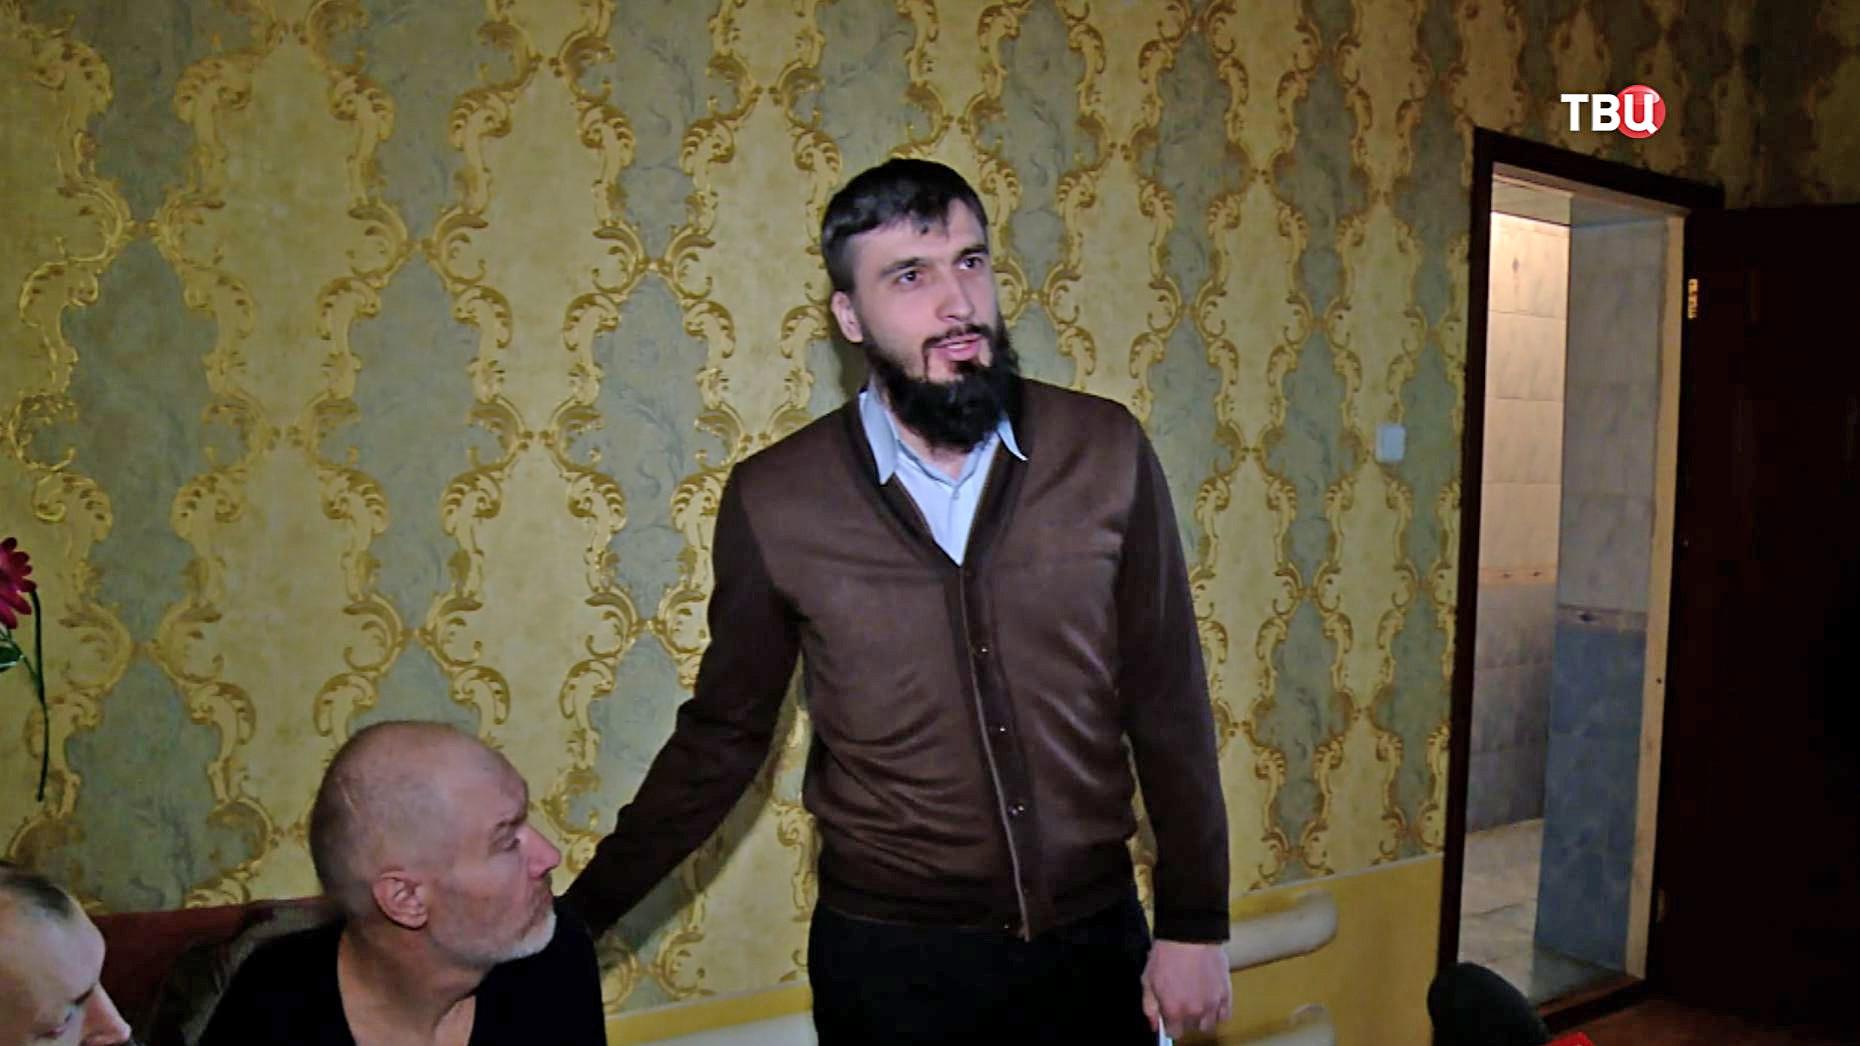 """Бывший священник и хозяин """"Дома старчества"""", Алексей Новожилов"""